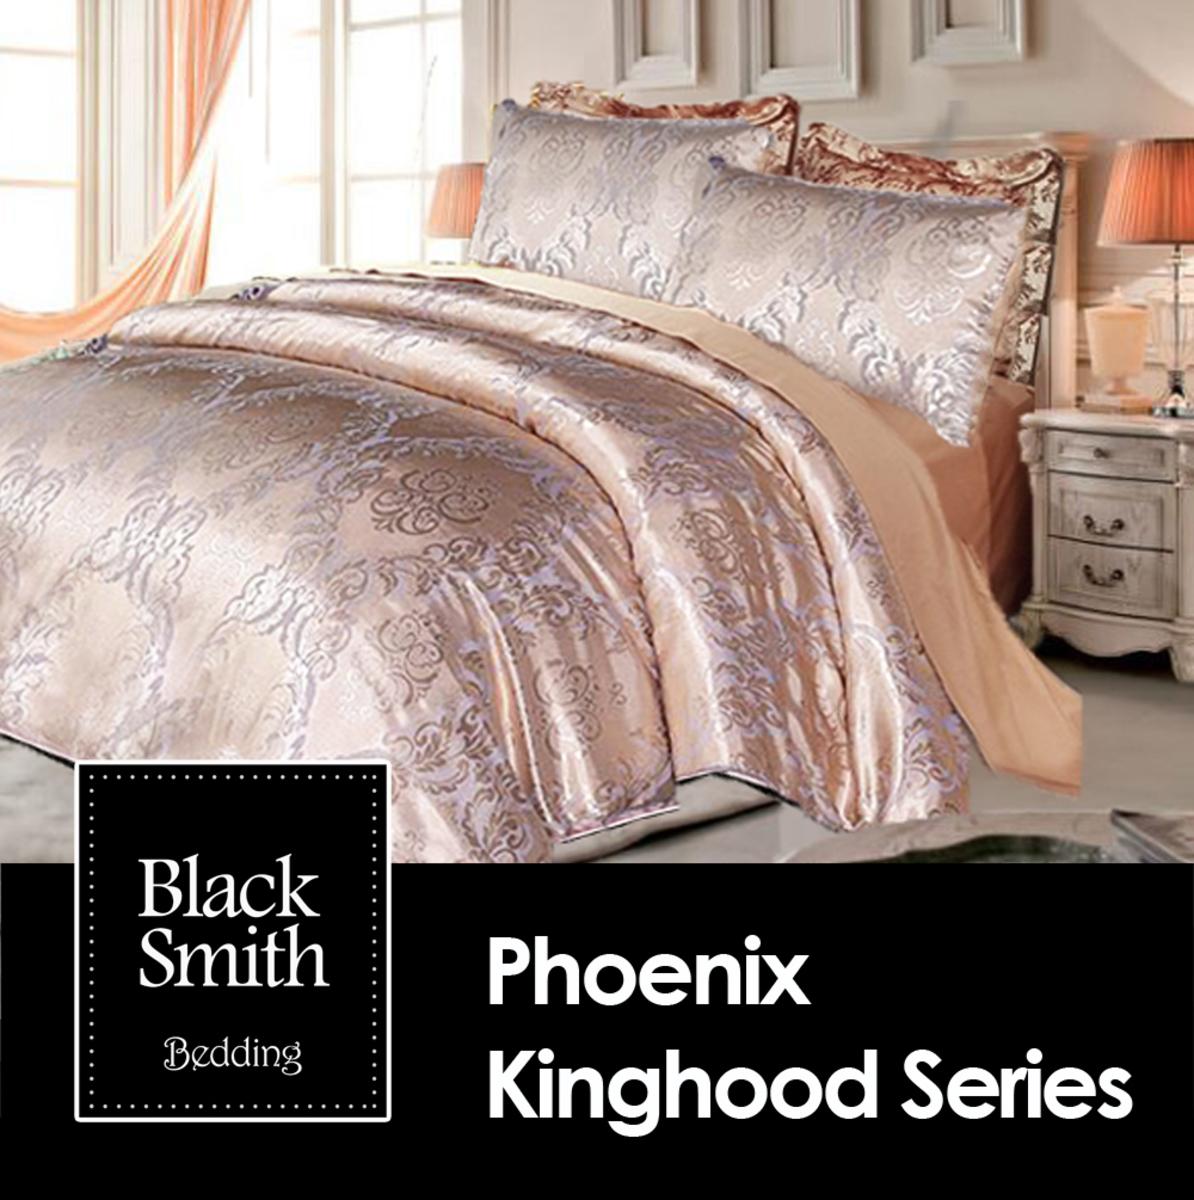 Kinghood Series(Phoenix)